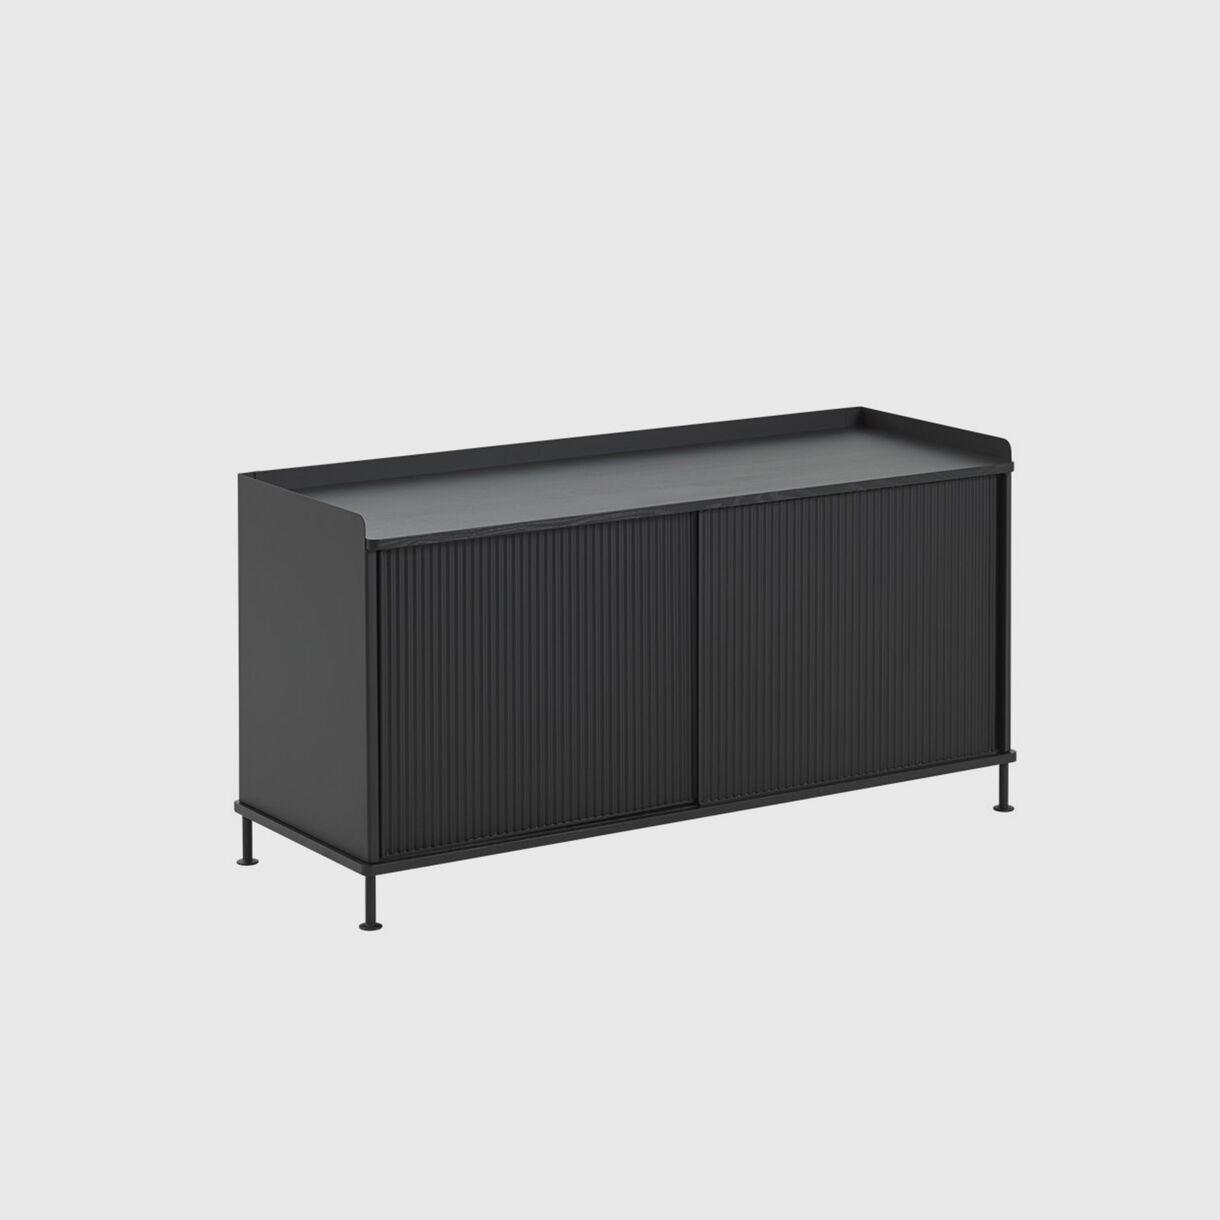 Enfold Sideboard Low, Black, Side